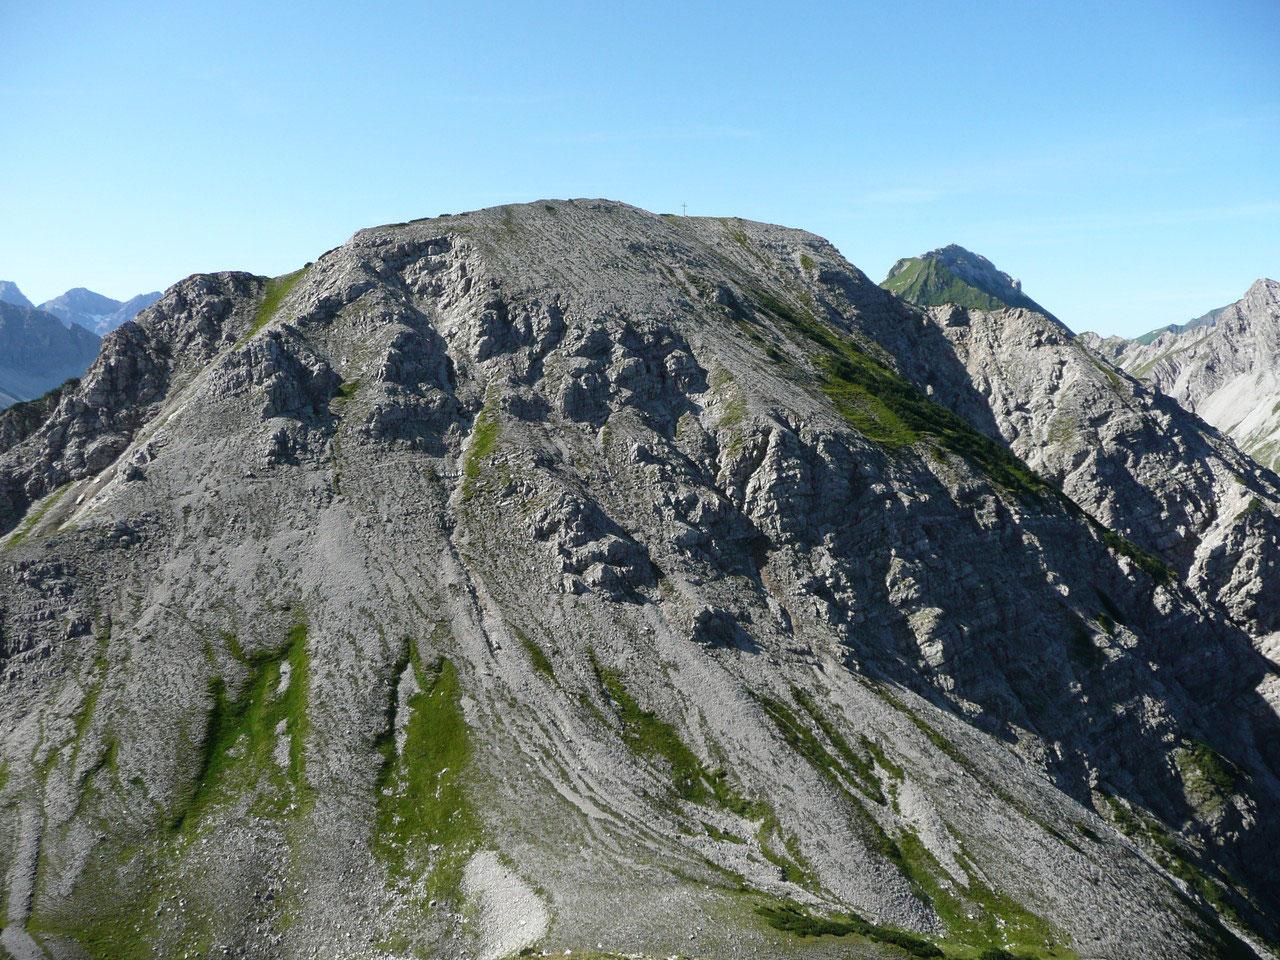 Hindelanger Klettersteig Wengenkopf : Schänzlespitze schänzlekopf mountaingoat58 glasfelderkopf